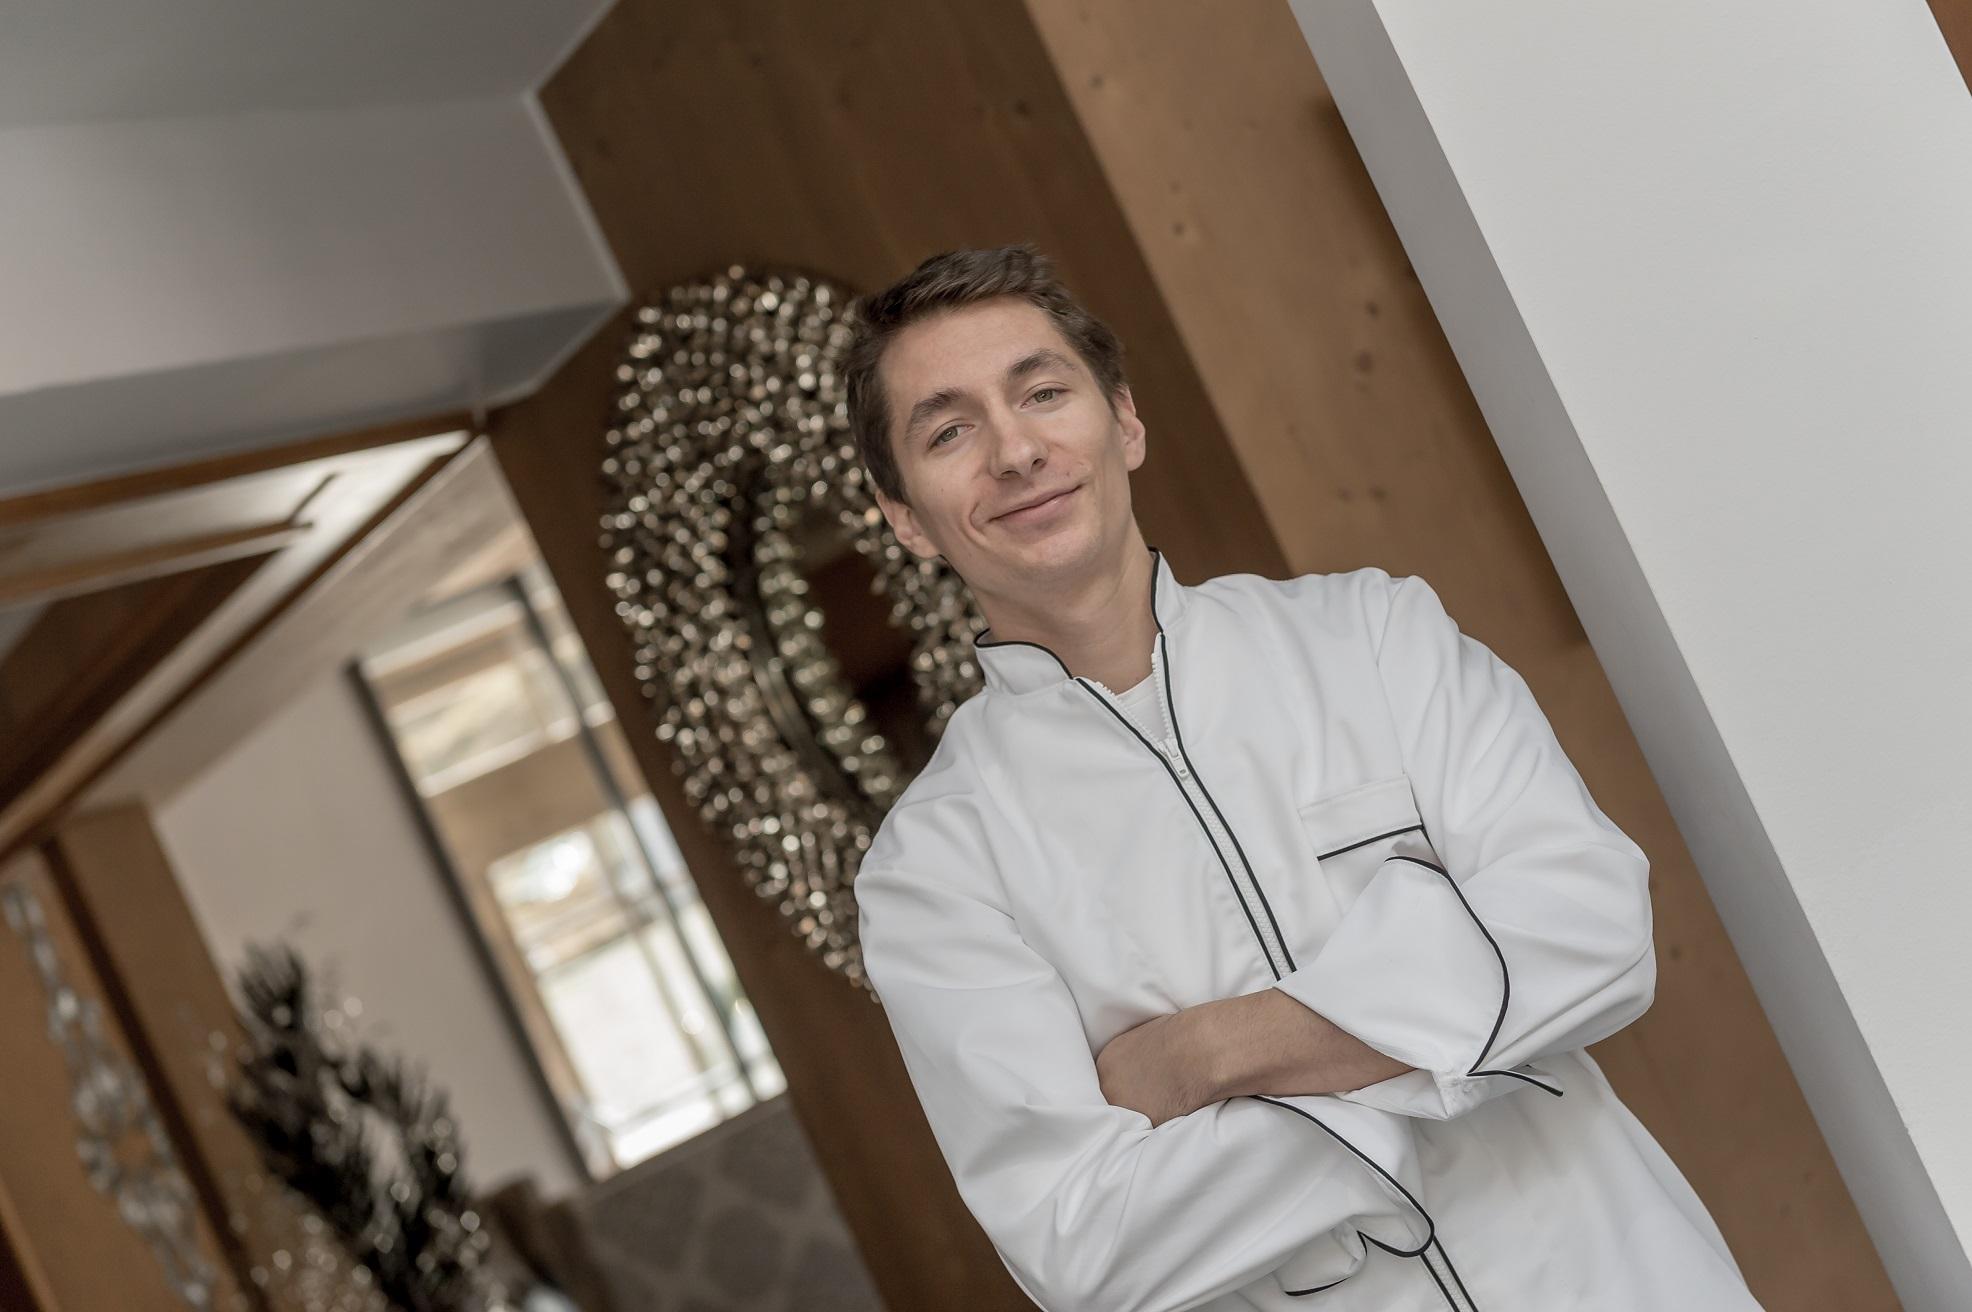 Der Mann für Süßspeisen und Desserts auf höchstem Niveau: Aleksander Nozdrny-Plotnicki